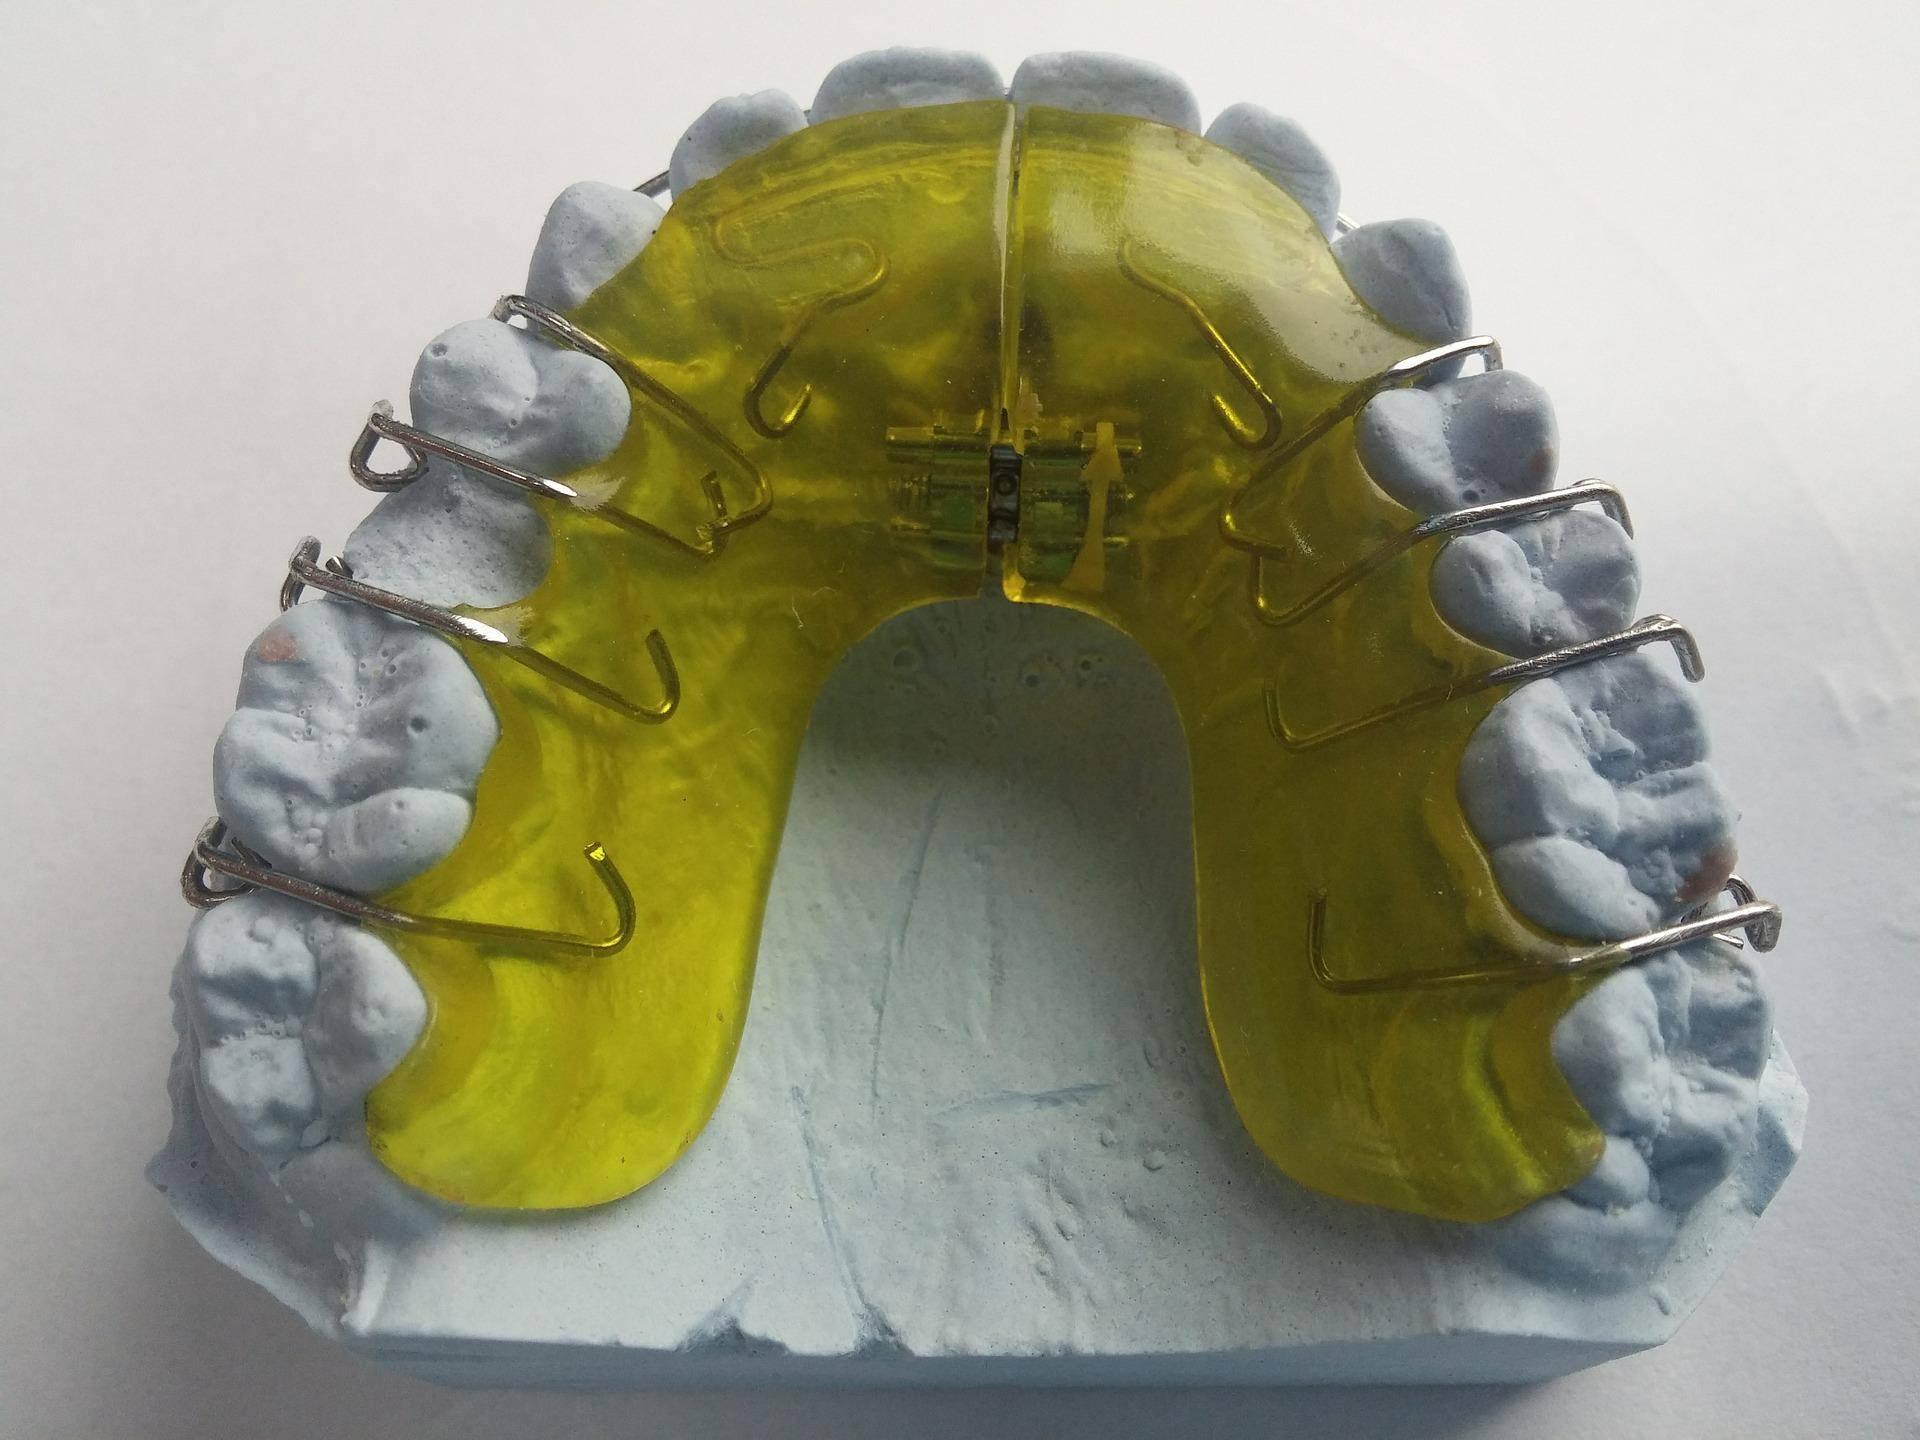 Ортодонтическая пластинка для детей. классификация и виды, цены